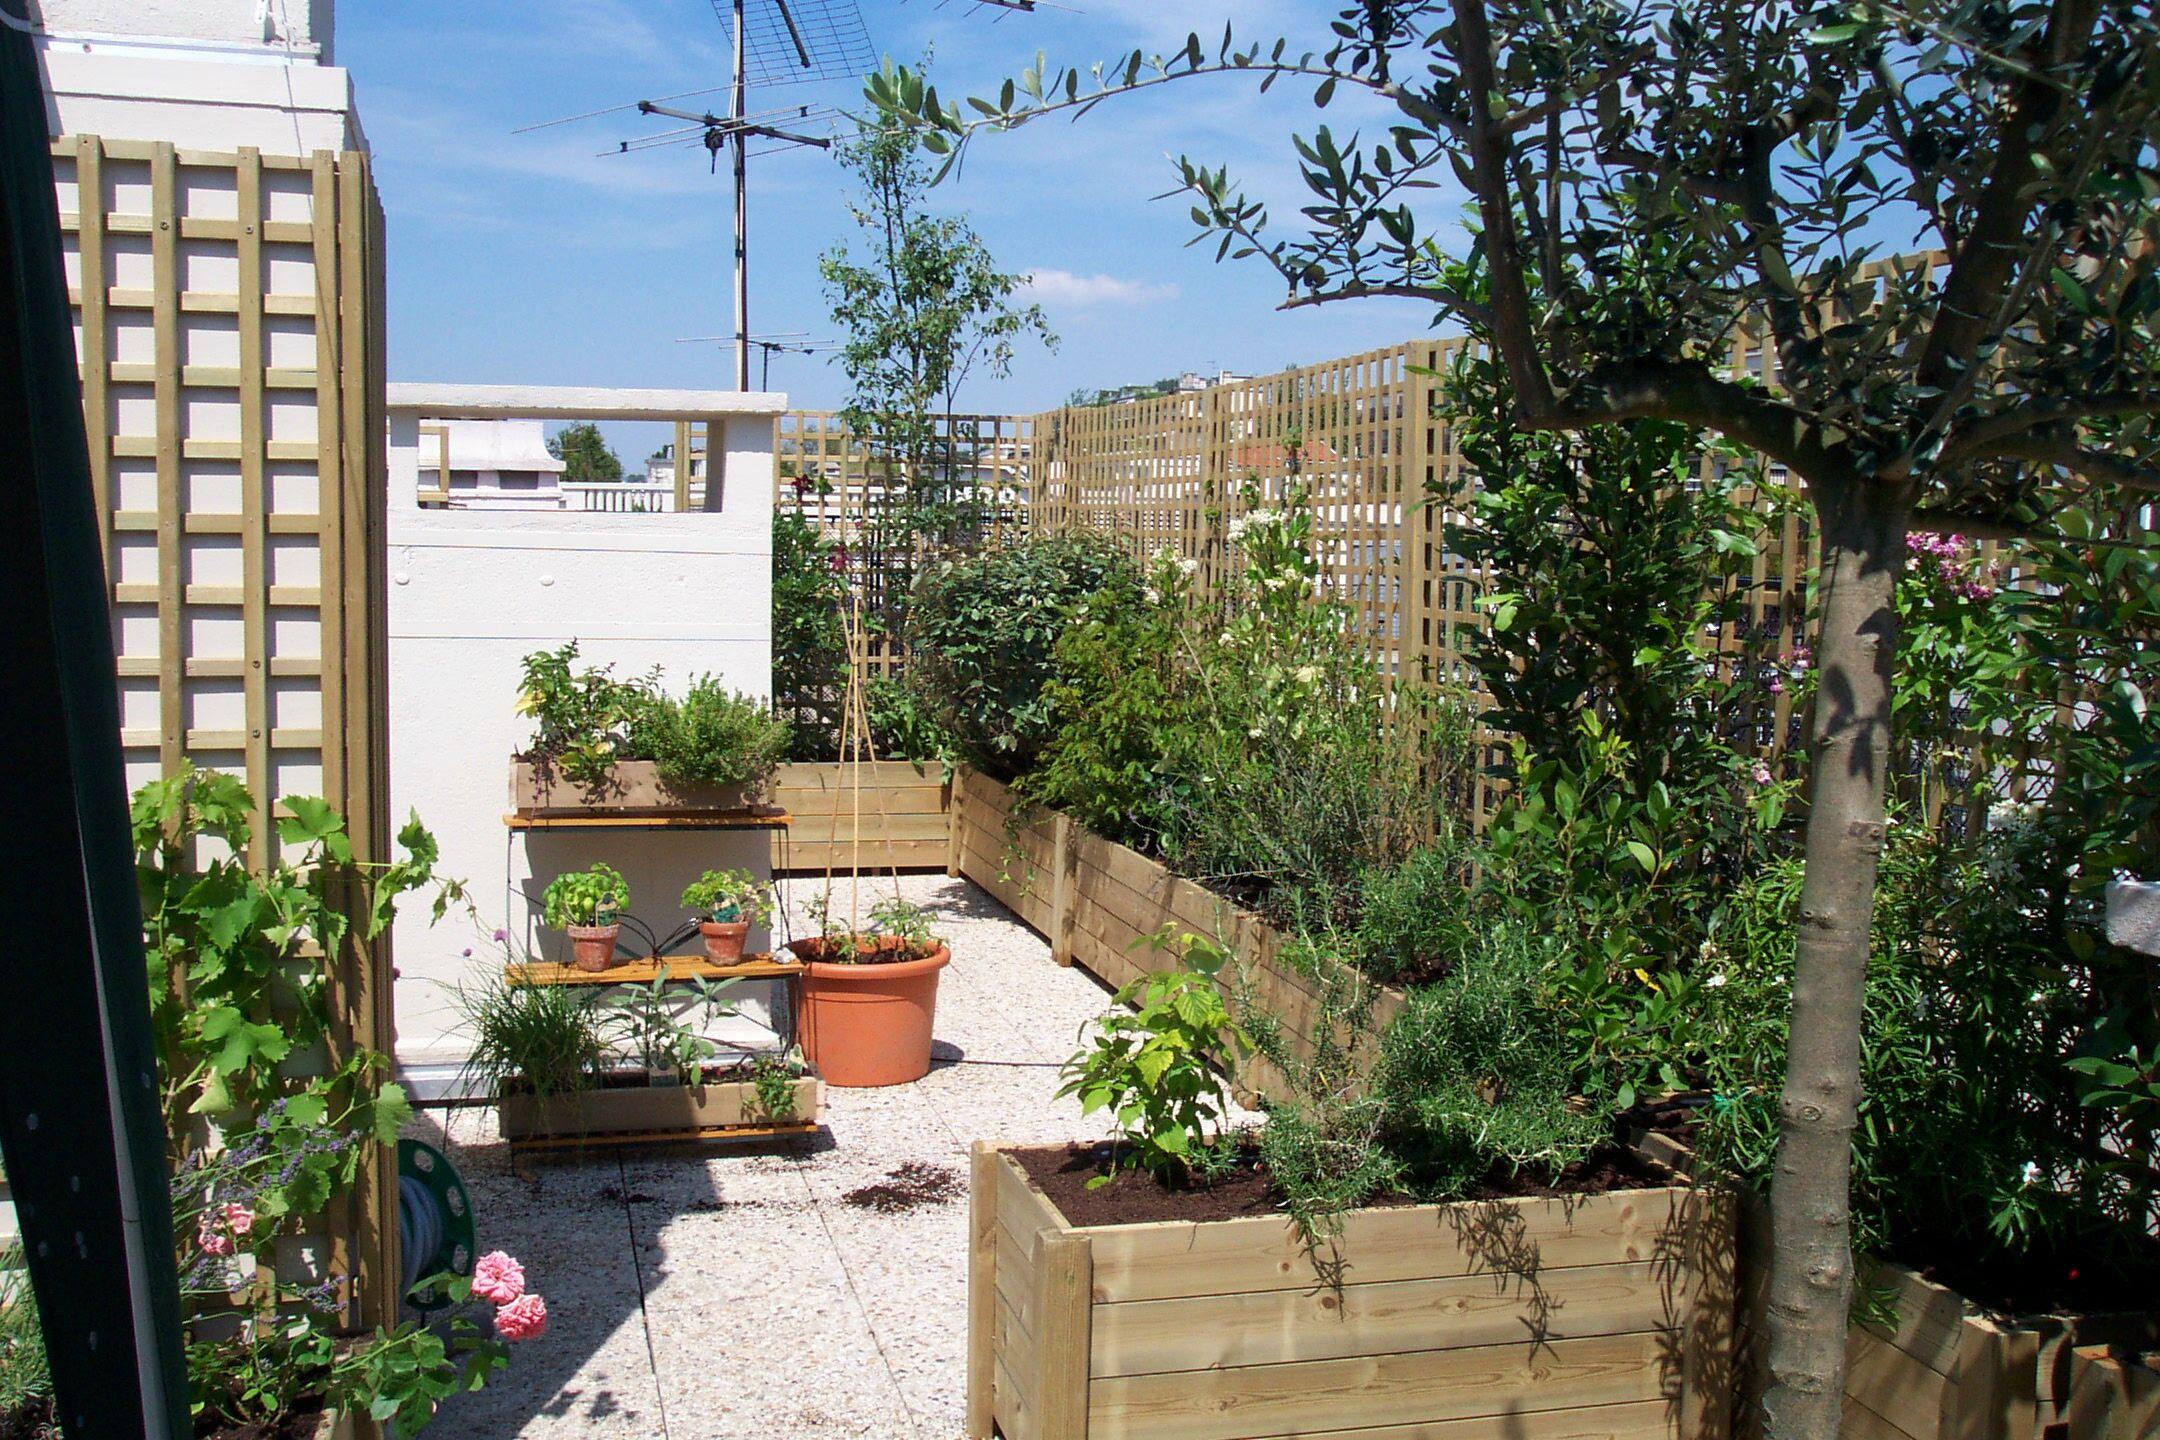 Une Terrasse Oui, Mais Sans Vis-À-Vis ! concernant Cacher Vis A Vis Jardin